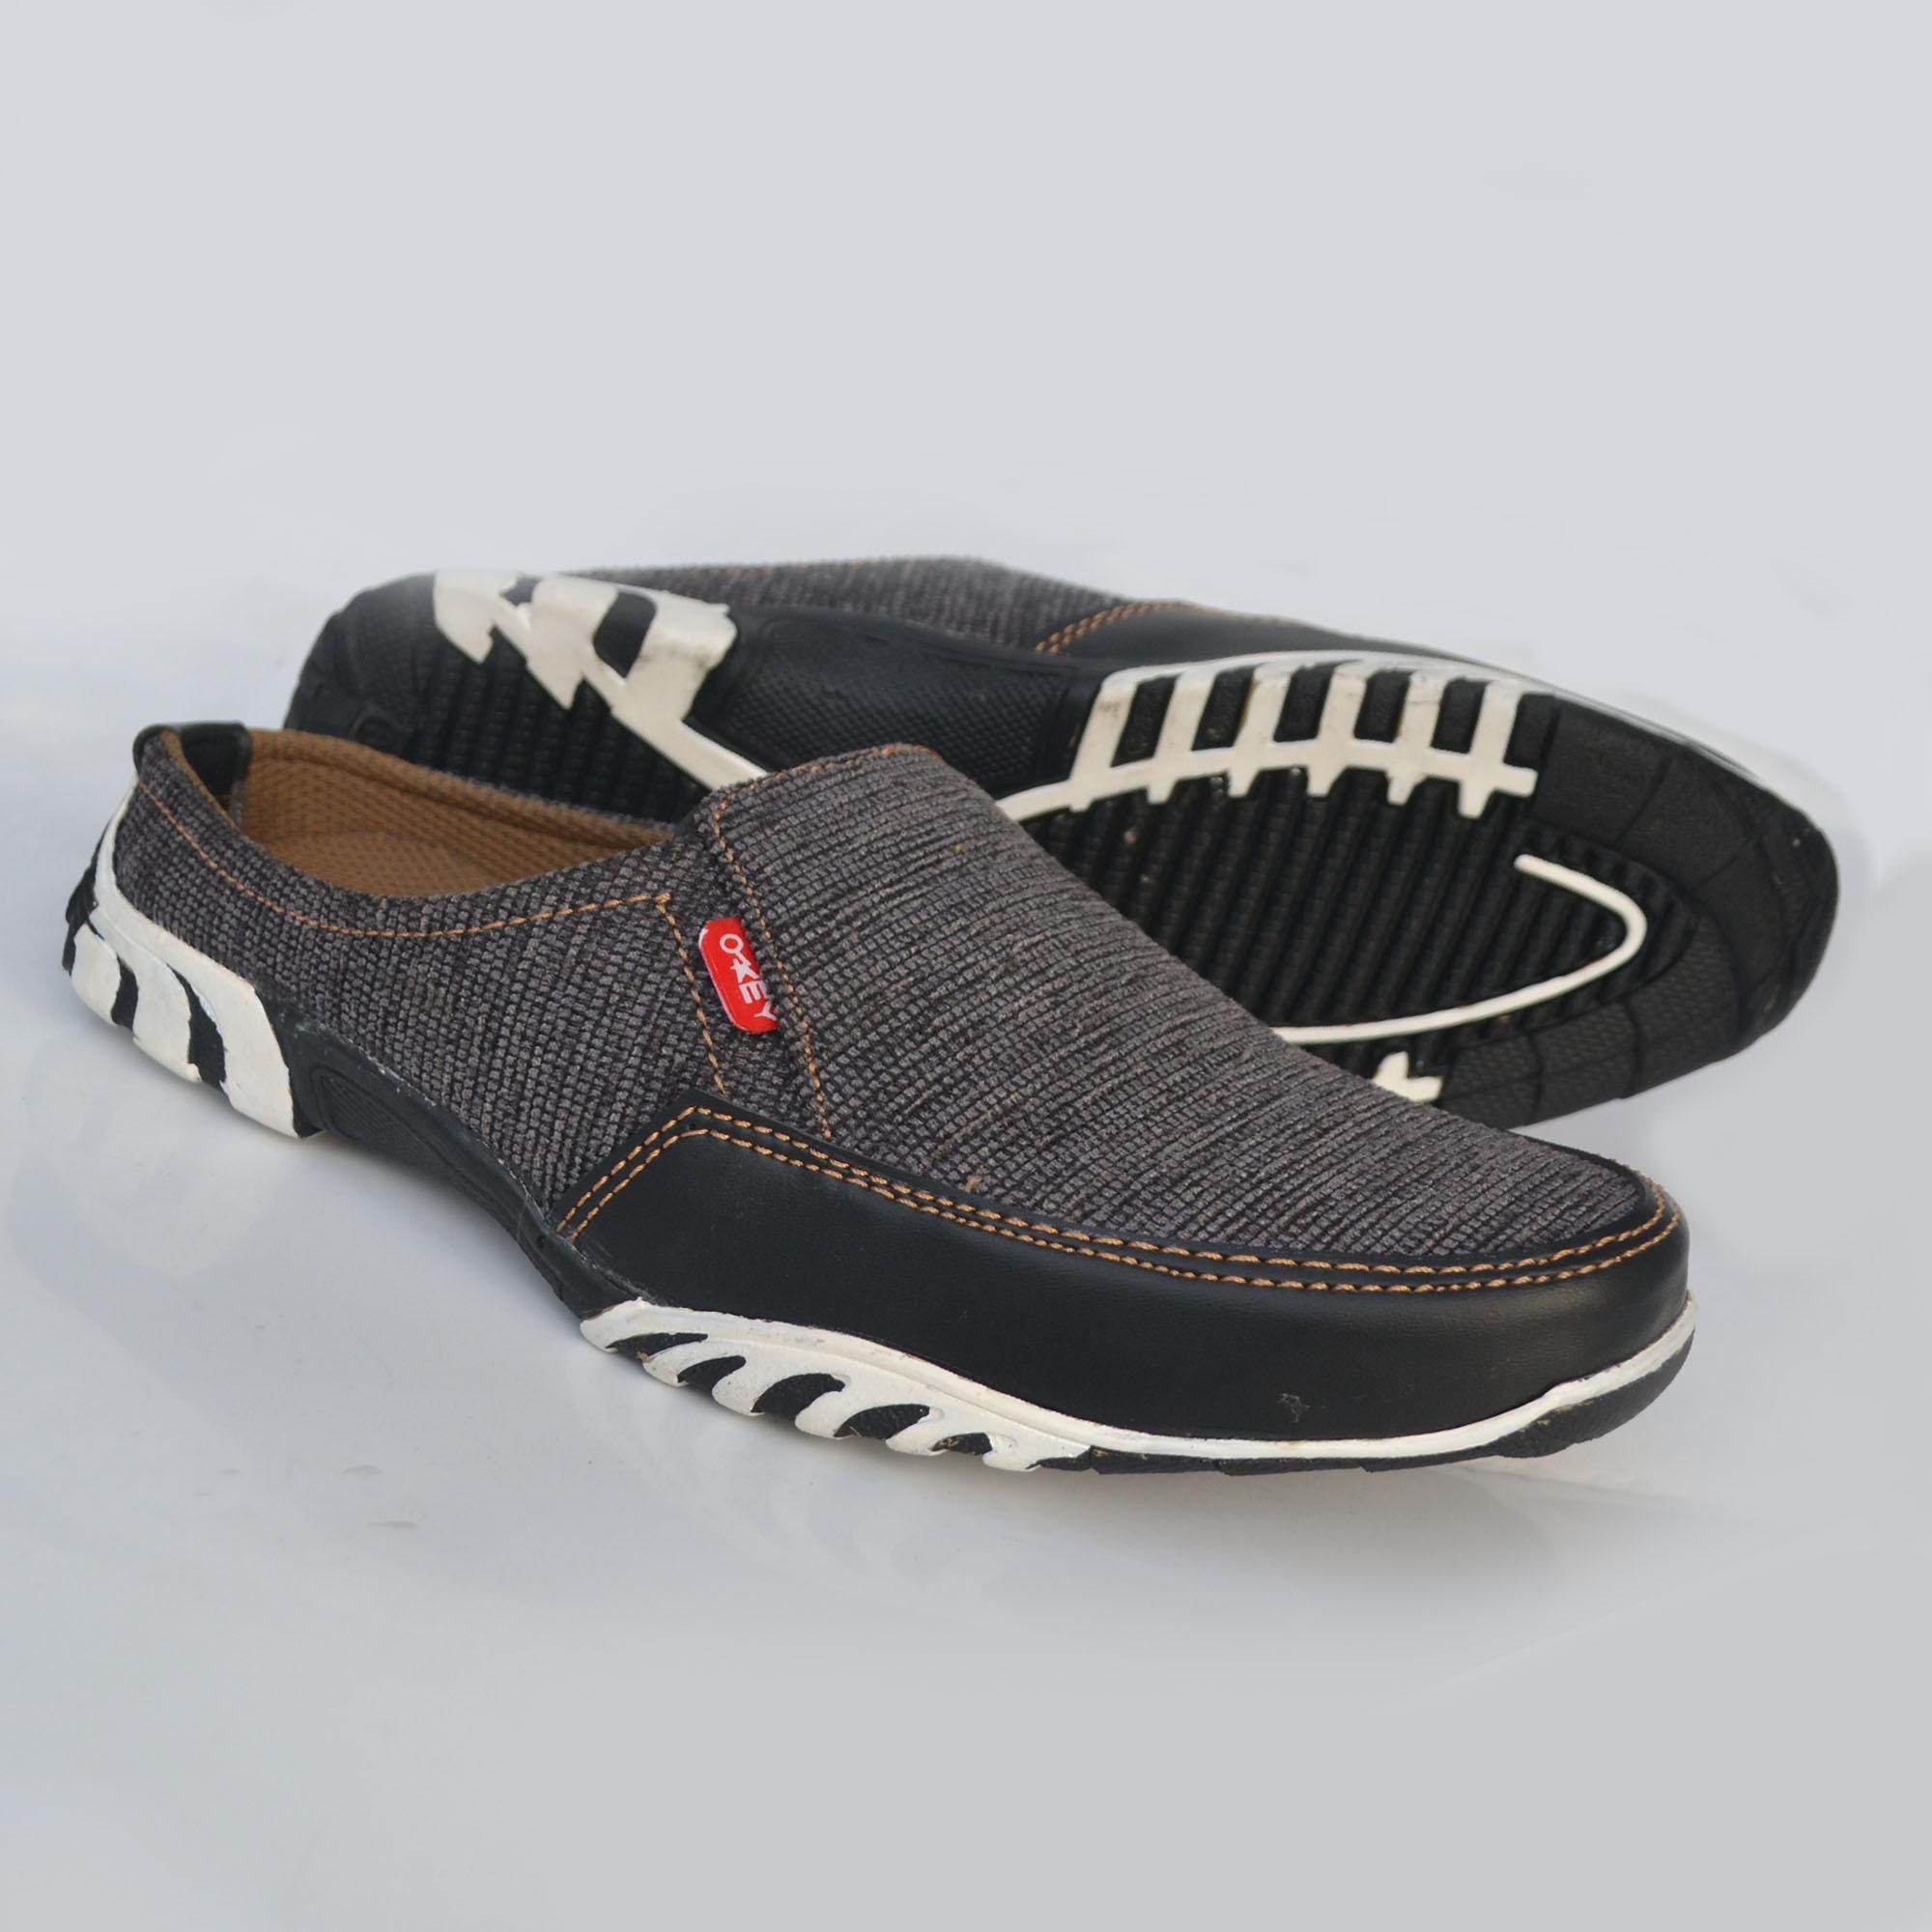 ARJUN 355 sepatu  kasual pria / sepatu kasual kanvas / sepatu sneaker pria / sepatu pria / sepatu sneaker murah /sepatu pria casual /sepatu pria kasual / sepatu pria murah